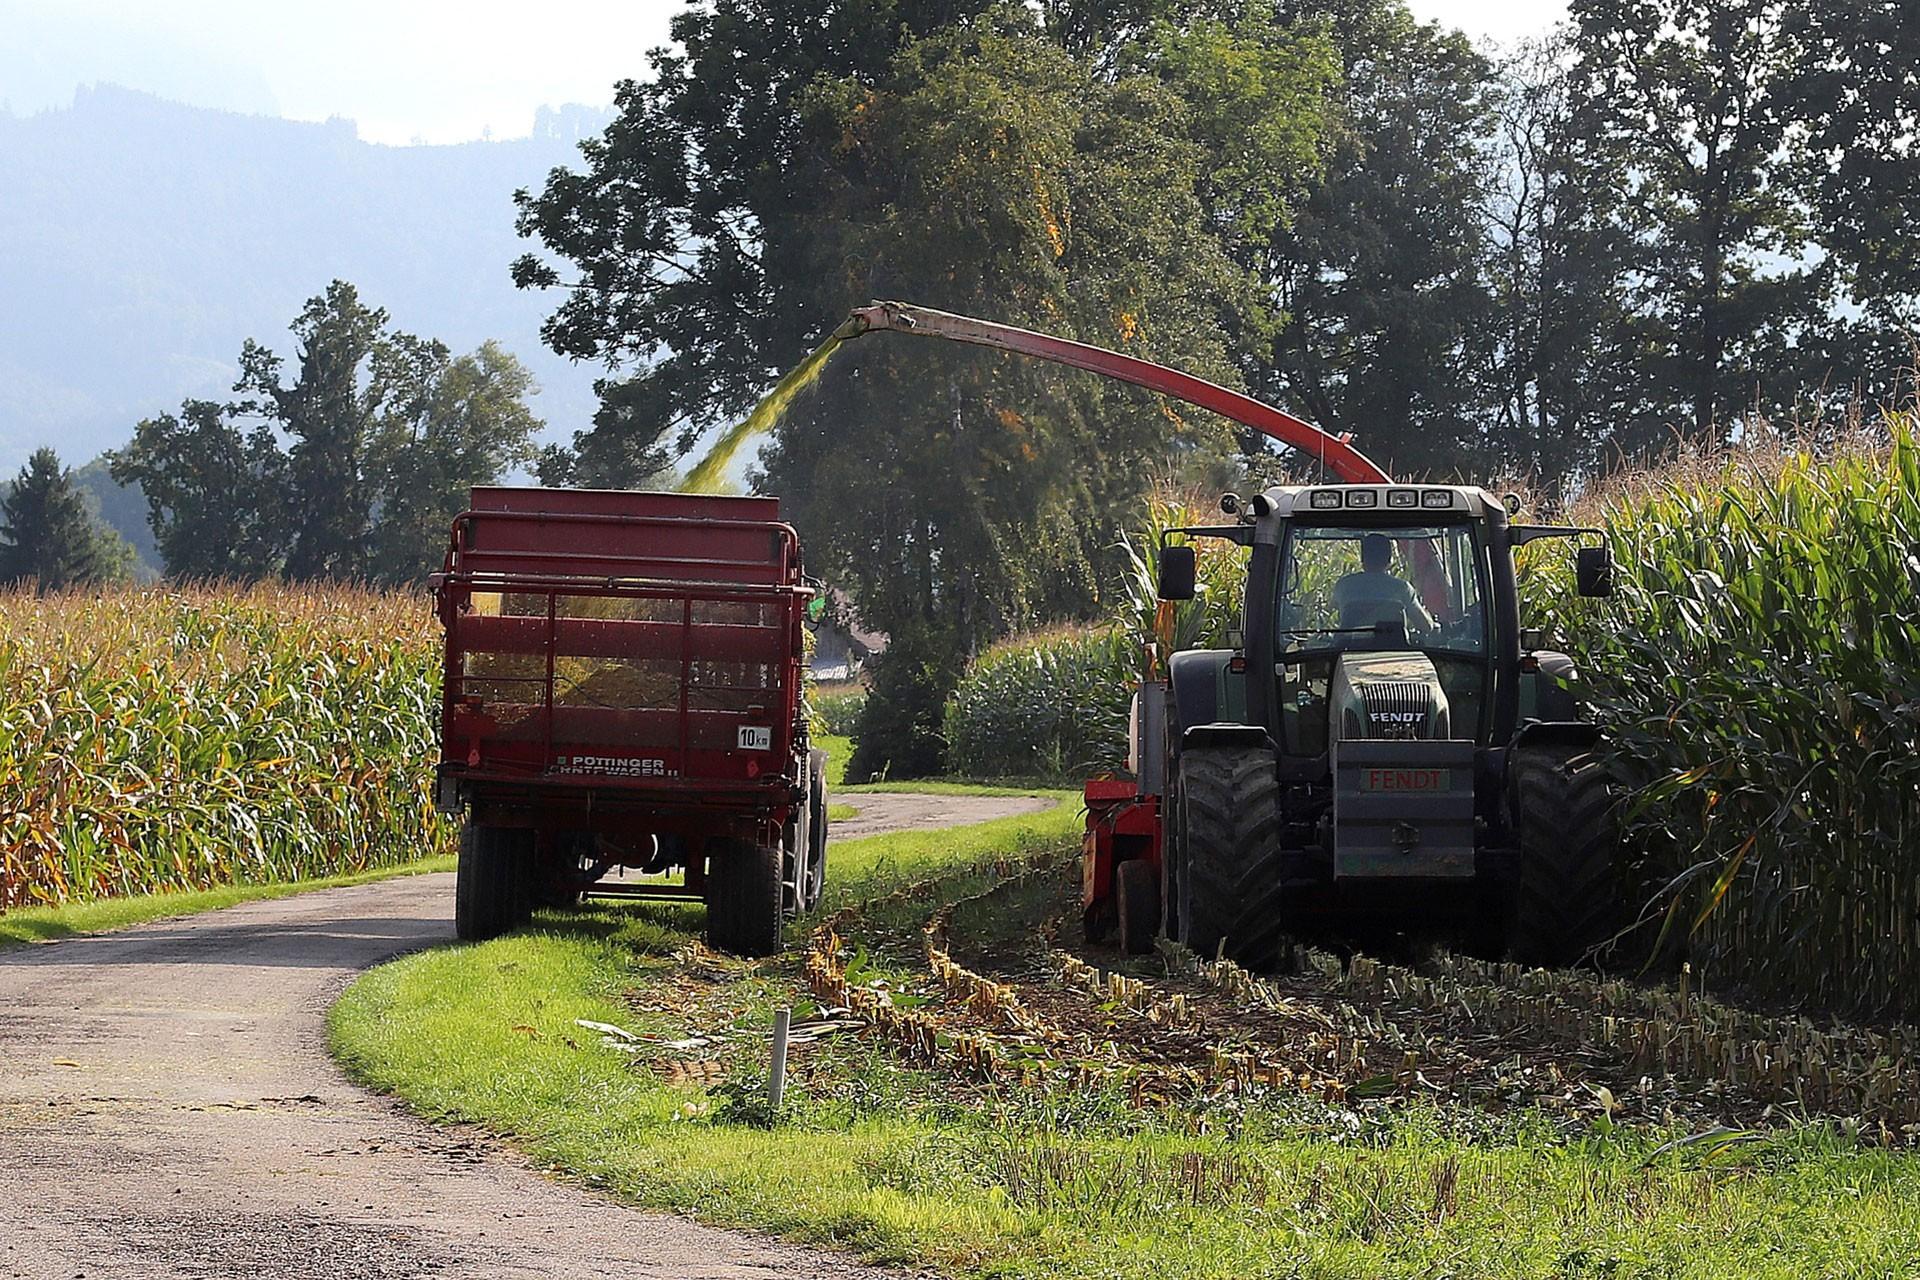 Hasat yapan traktör